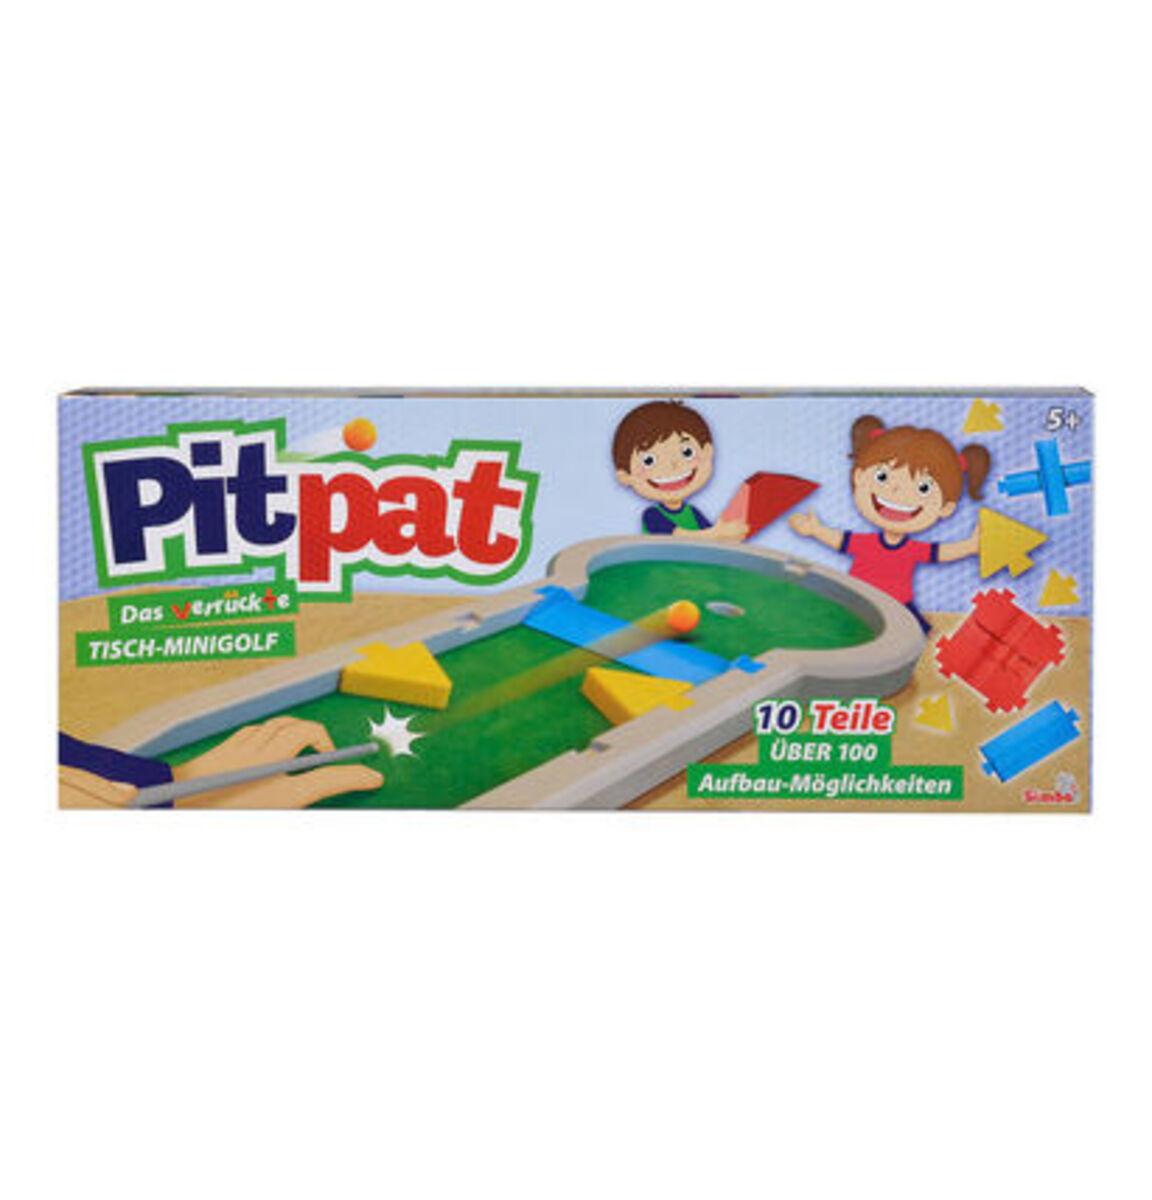 Bild 1 von Simba Tisch-Minigolf Pit pat